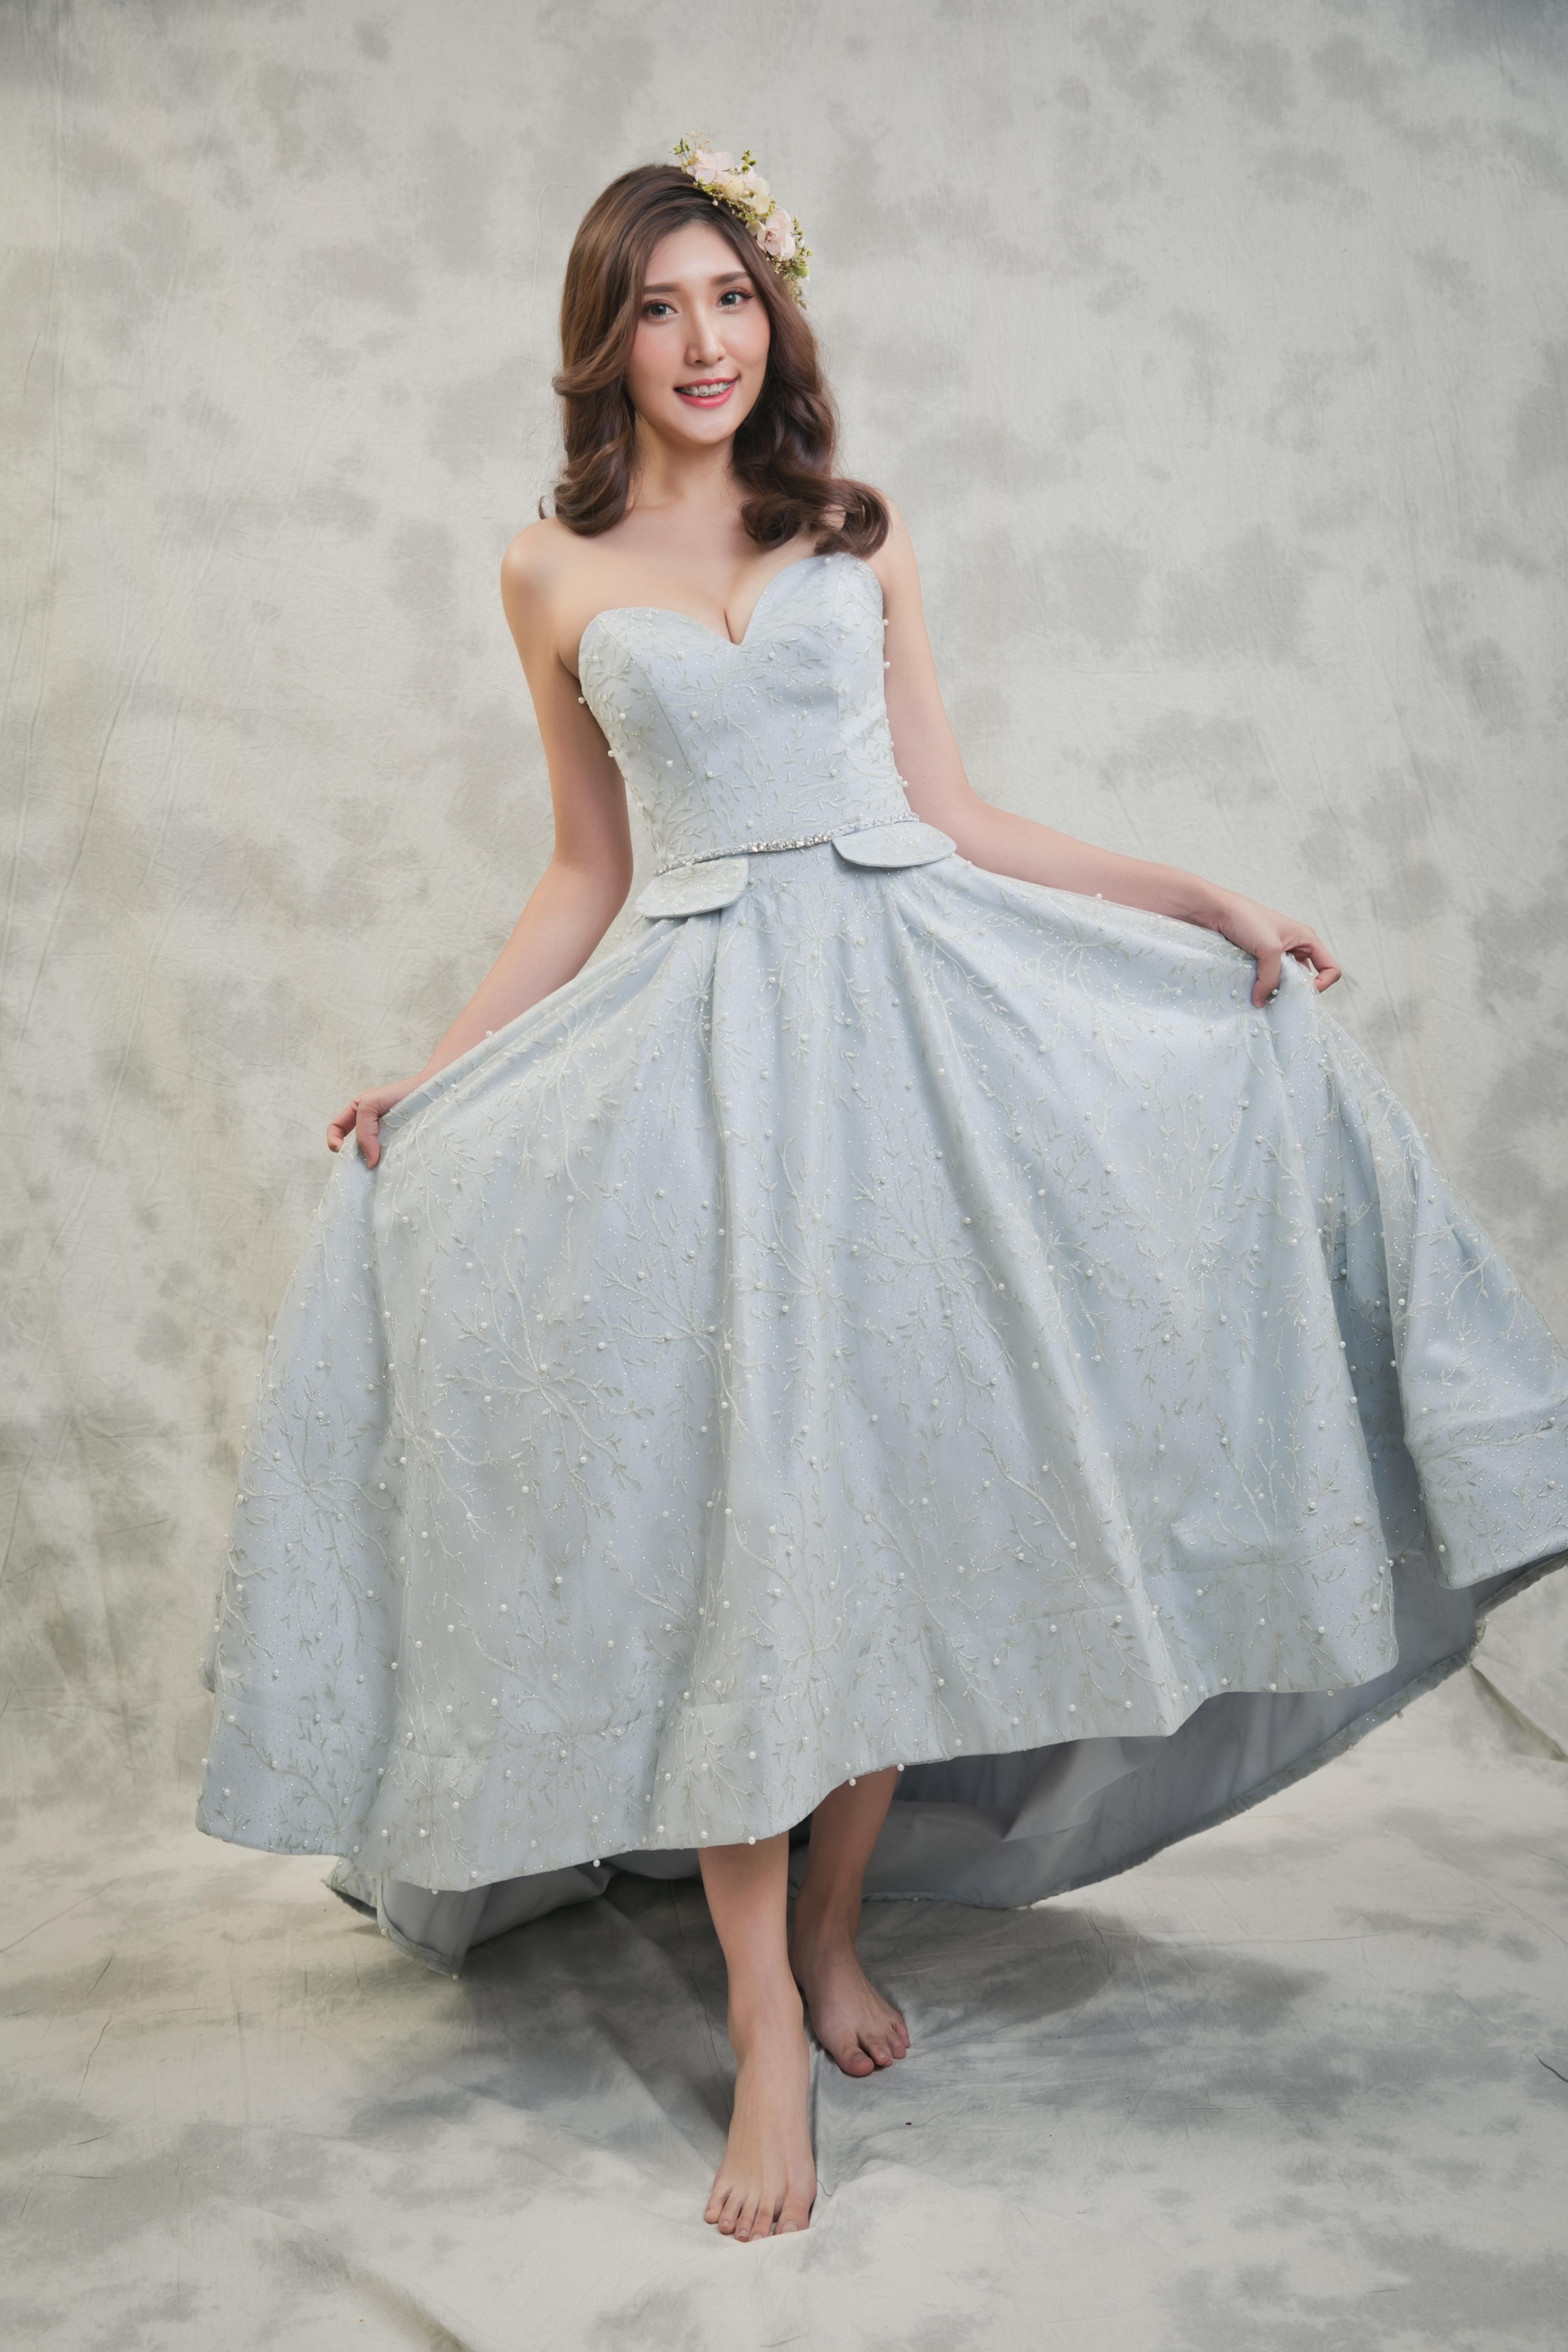 (熱門款)莫蘭迪銀灰磁扣珍珠蕾絲九分裙